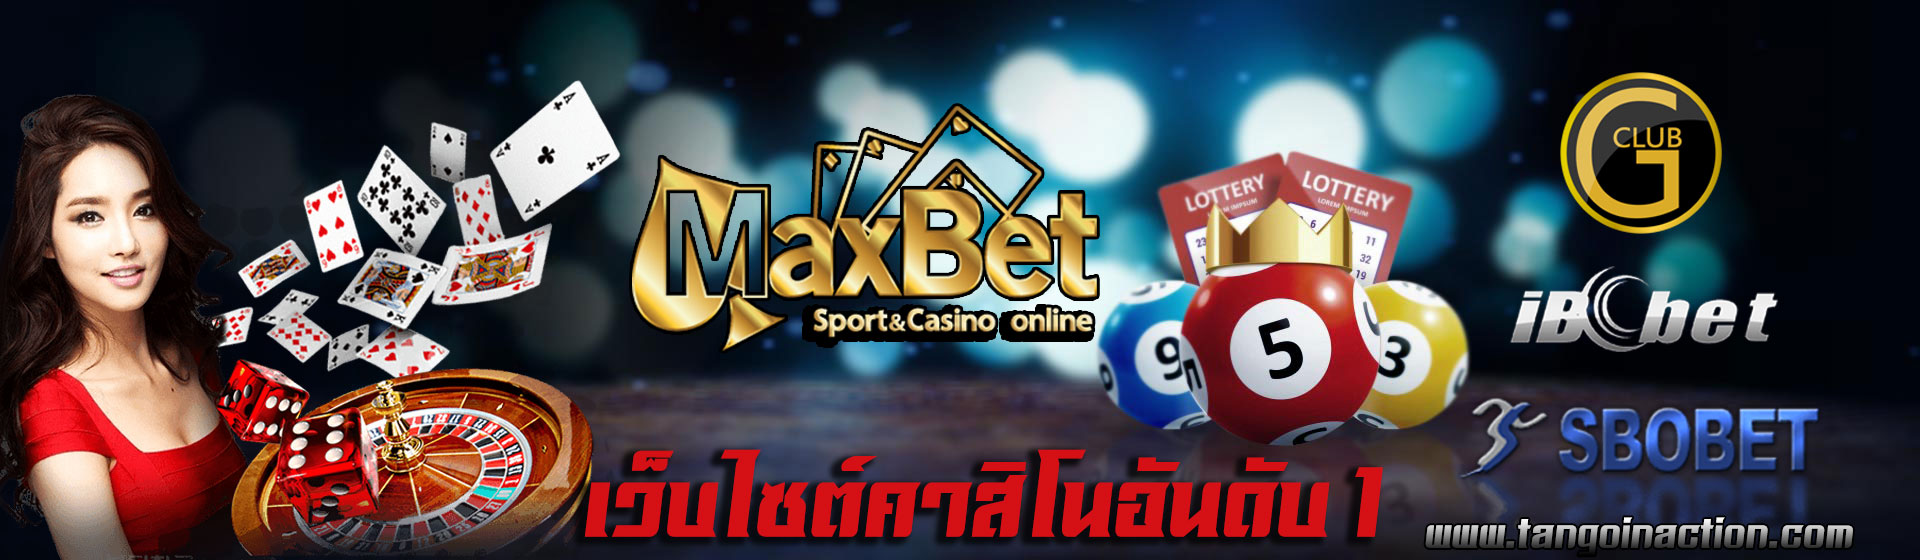 สมัครคาสิโนออนไลน์ maxbet พร้อมแทงบอลออนไลน์ผ่านเว็บไซต์ ibcbet sbobet ฝาก-ถอนที่รวดเร็วที่สุด